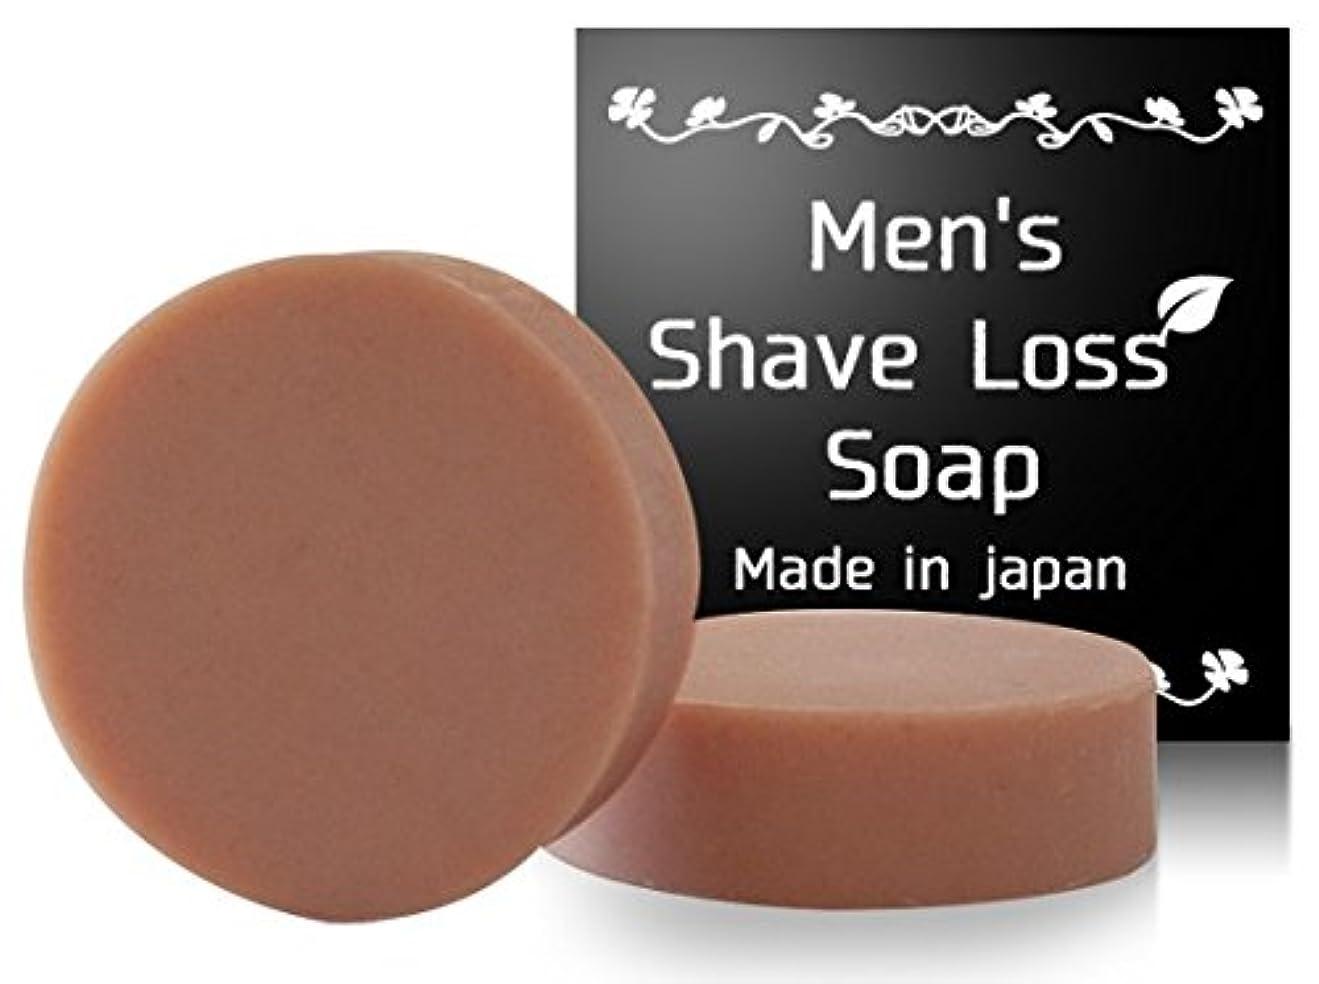 繊毛バターレルムMens Shave Loss Soap シェーブロス 剛毛は嫌!ツルツル過ぎも嫌! そんな夢を叶えた奇跡の石鹸! 【男性専用】(1個)